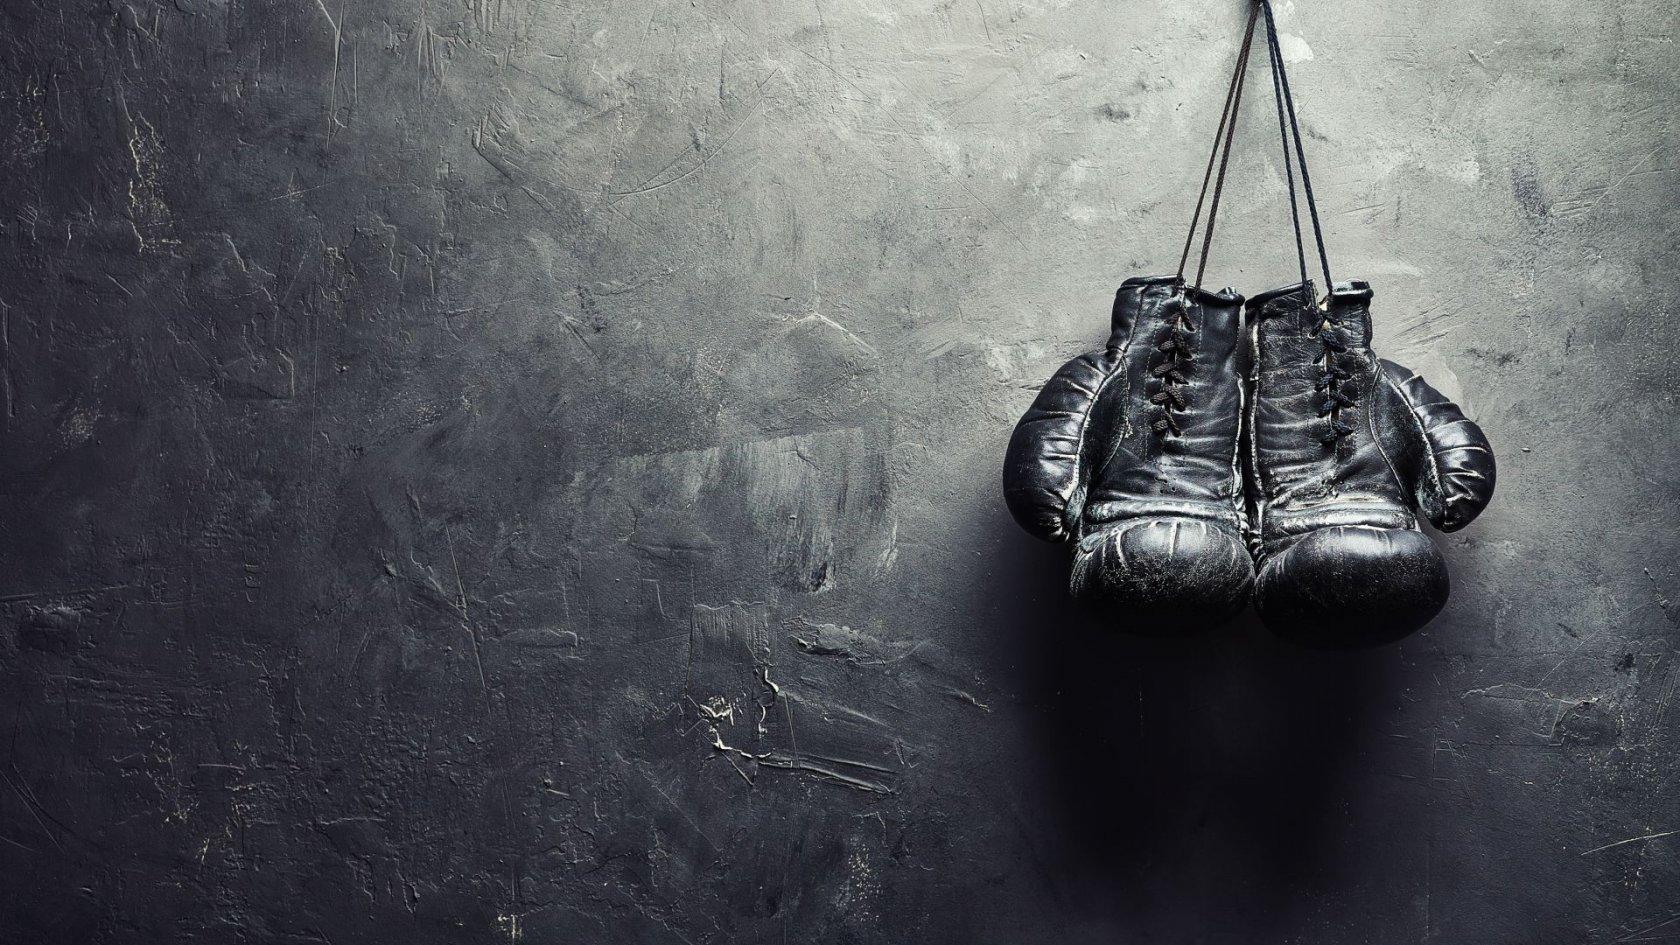 Обучение тайскому боксу в Ростове-на-Дону